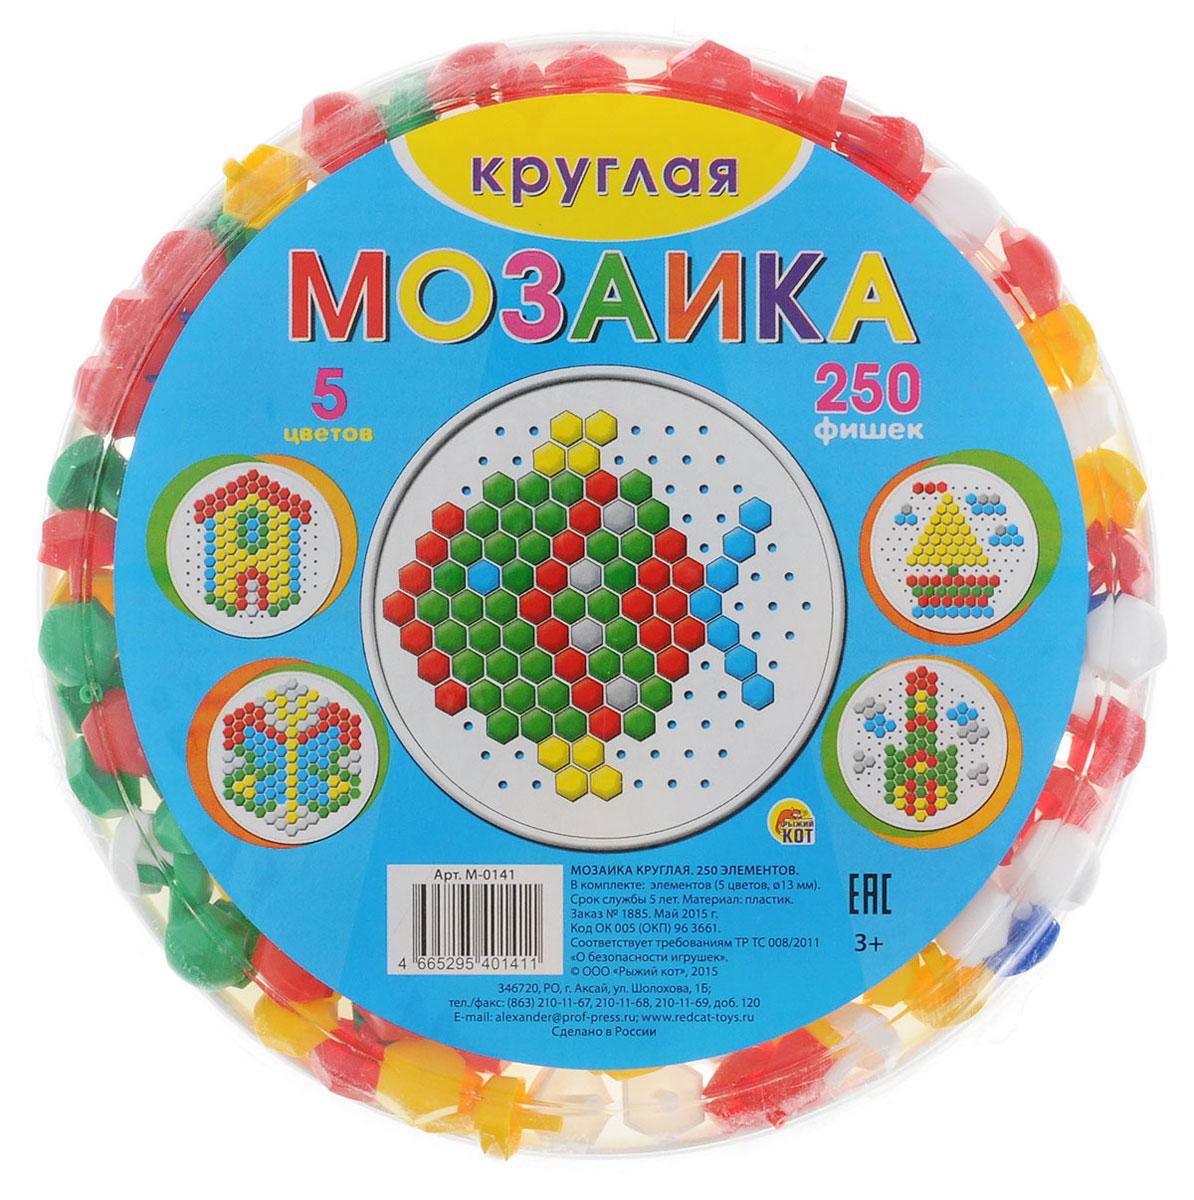 Рыжий Кот Мозаика 250 фишекМ-0141Мозаика Рыжий Кот - круглая пластиковая мозаика, которая станет замечательной игрушкой для вашего ребенка! Она прекрасно развивает творческое воображение, абстрактное и логическое мышление, внимание, мелкую моторику рук, а также учит различать цвета и оттенки. Мозаика обязательно понравится ребенку яркими деталями, хорошим качеством и разными вариантами складывания изображений! Мозаика предназначается для детей от трех лет под присмотром взрослых. В набор входят 250 фишек пяти различных цветов.